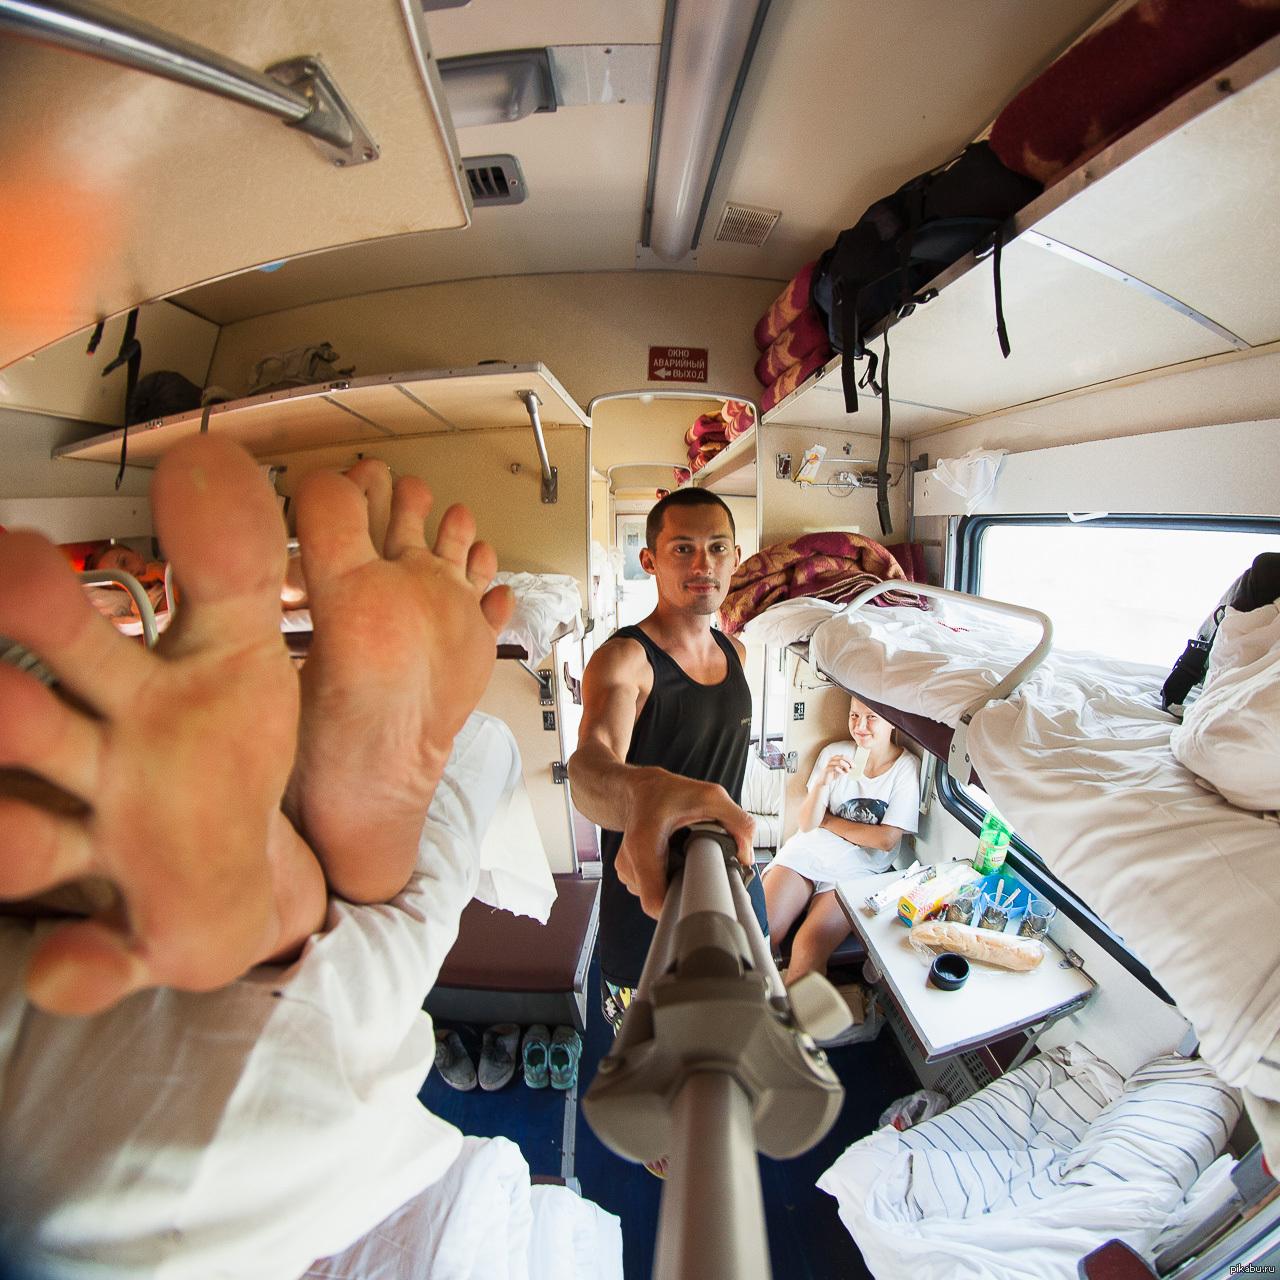 лишь то, прикольные фото в поездах плацкартных вагонах советам трихологов для